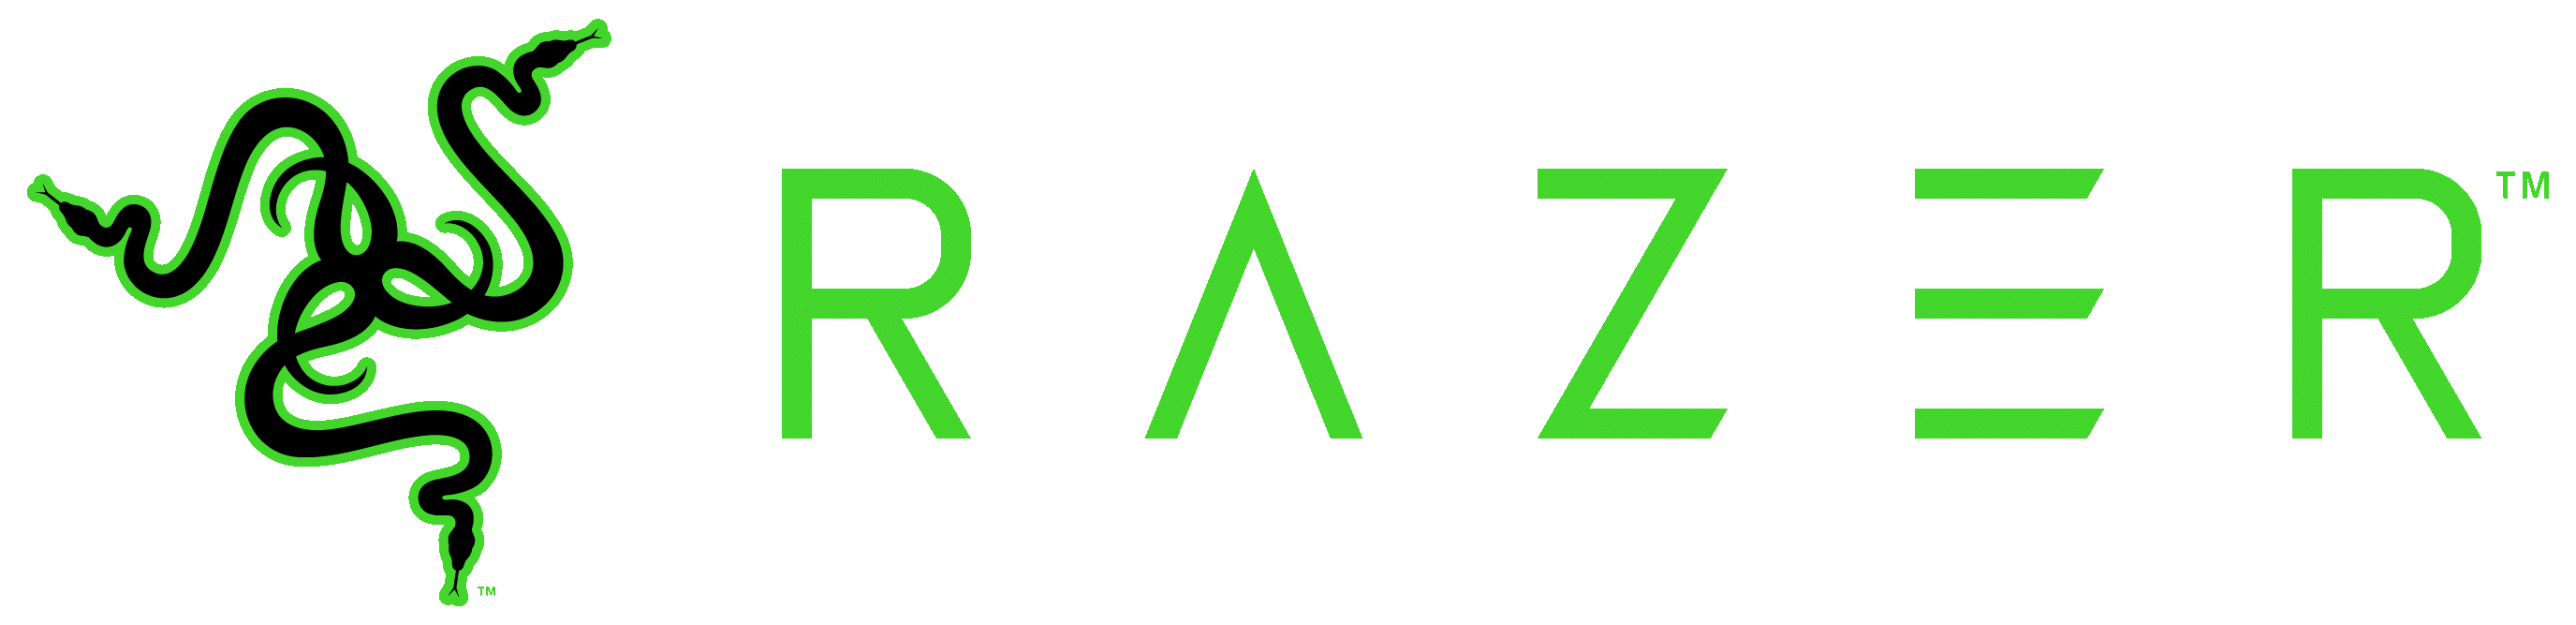 Логотип Razer.